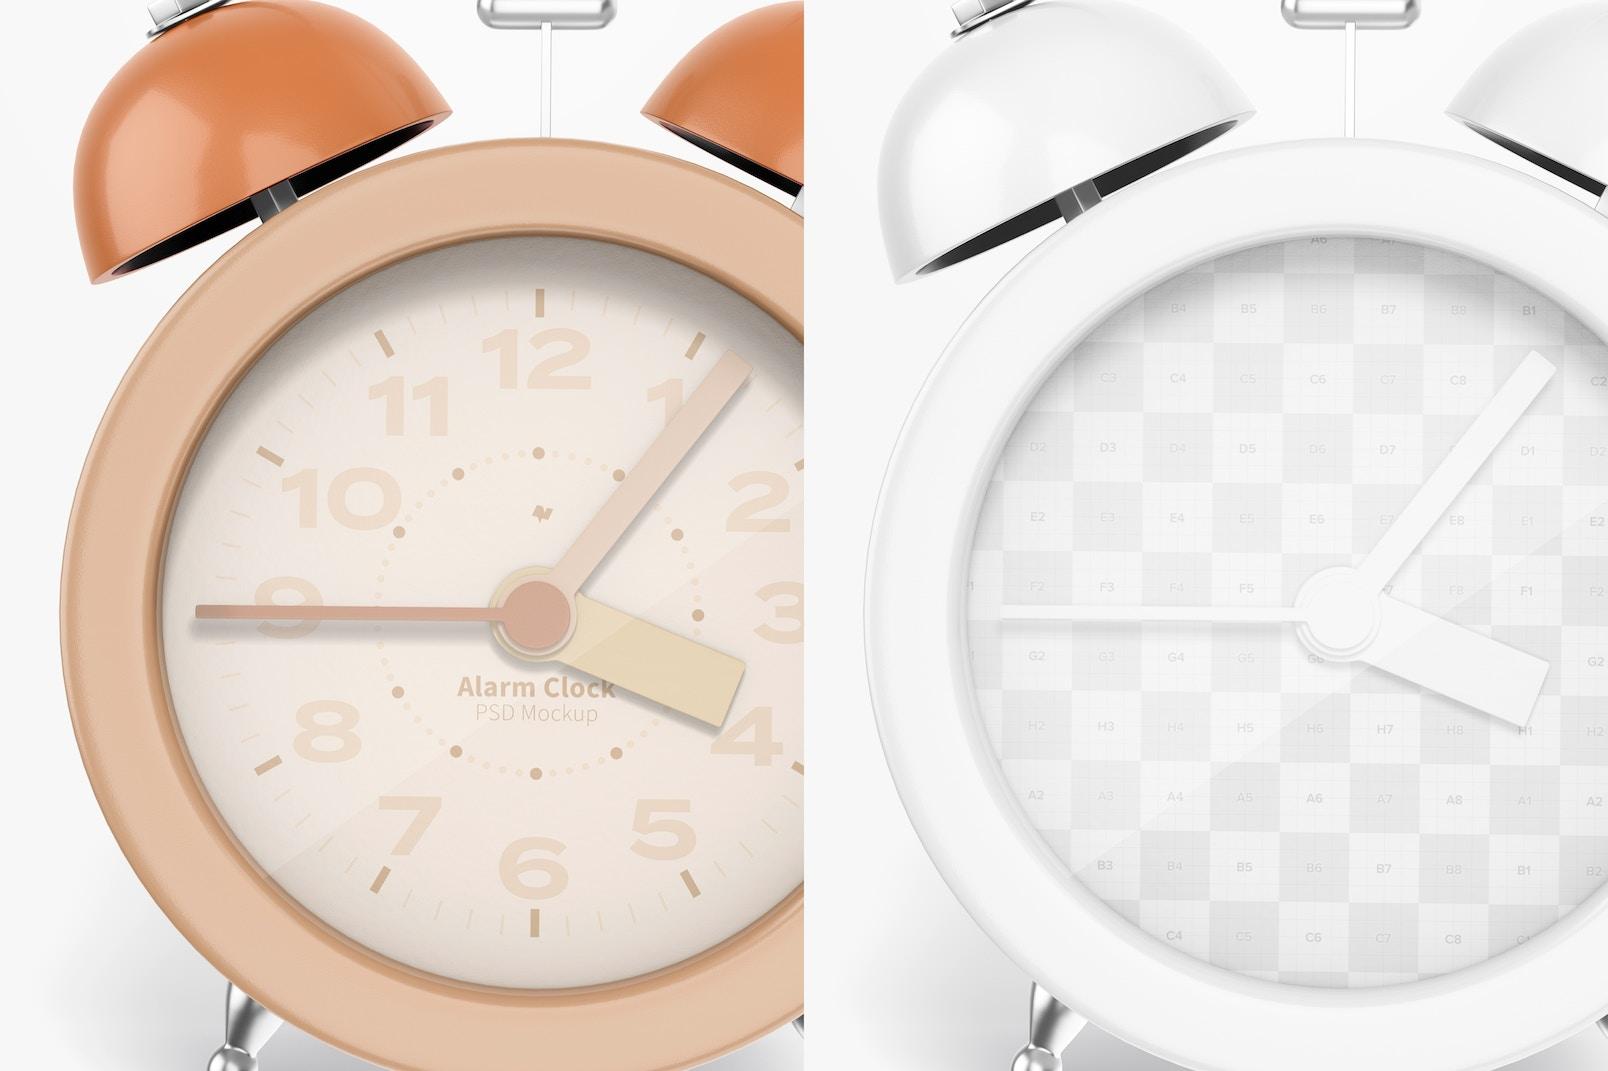 Alarm Clock Mockup, Close Up